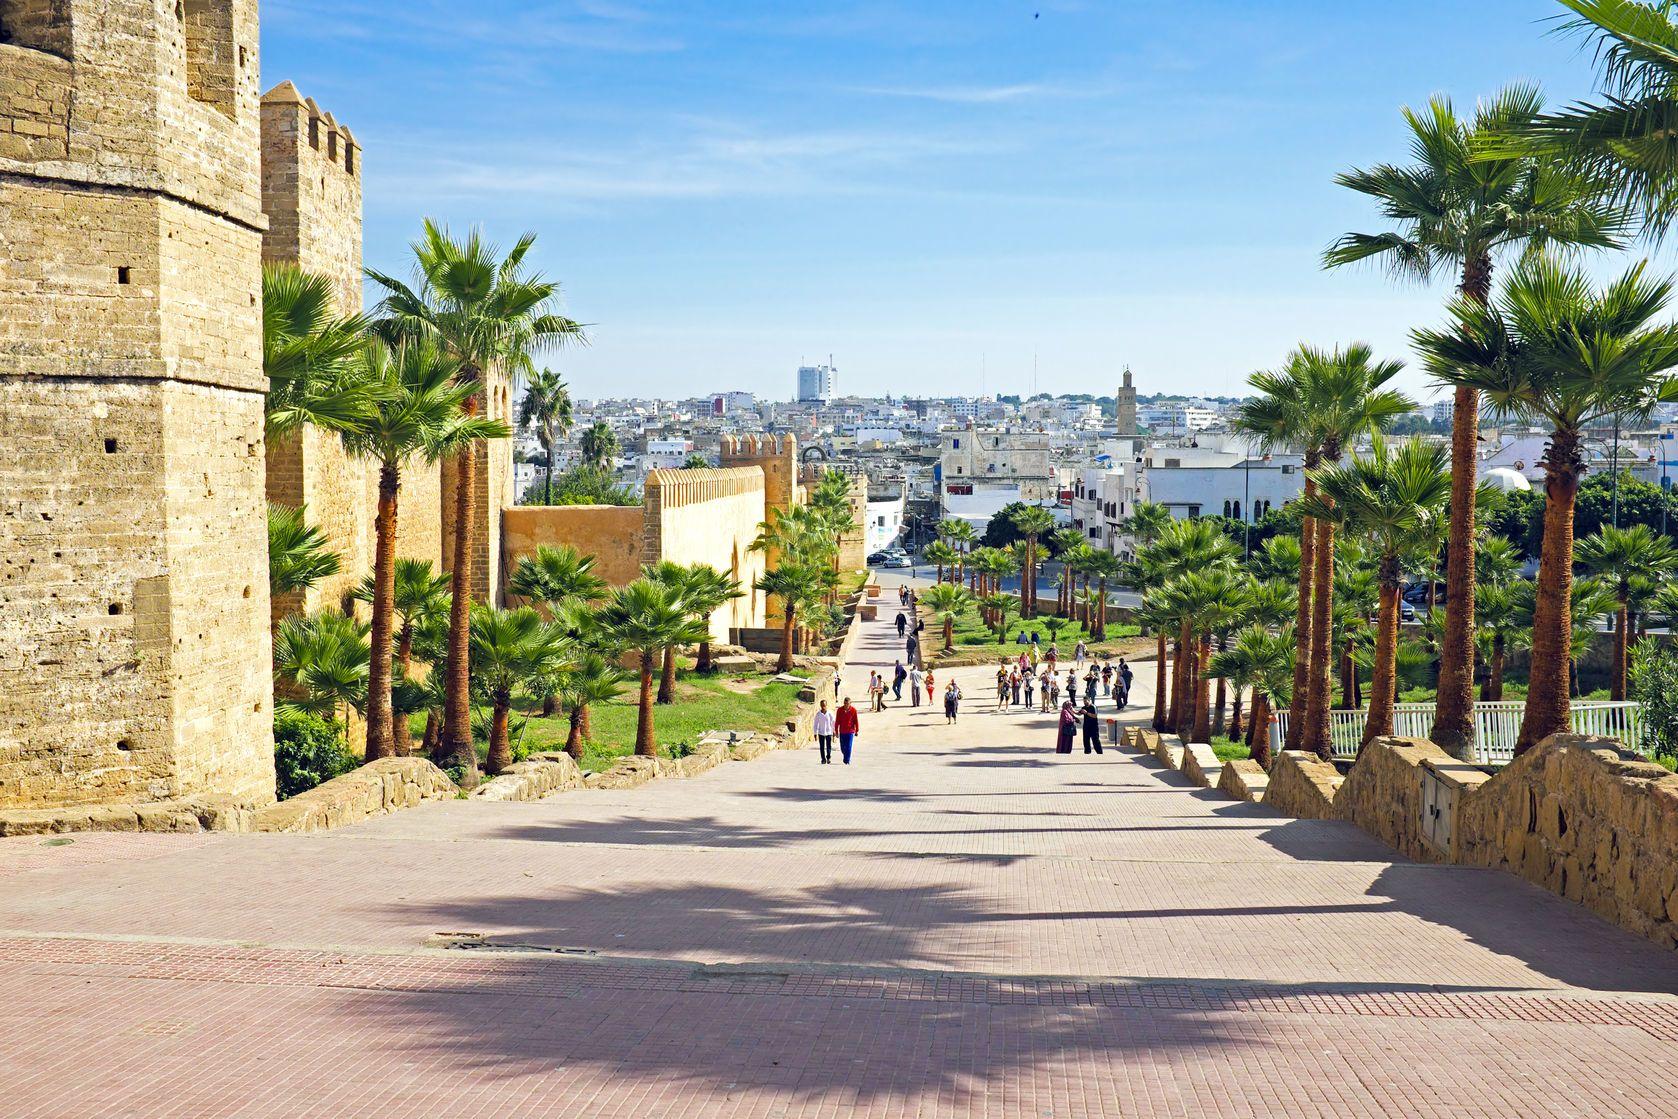 Městské hradby v Rabatu v Maroku | nisanga/123RF.com